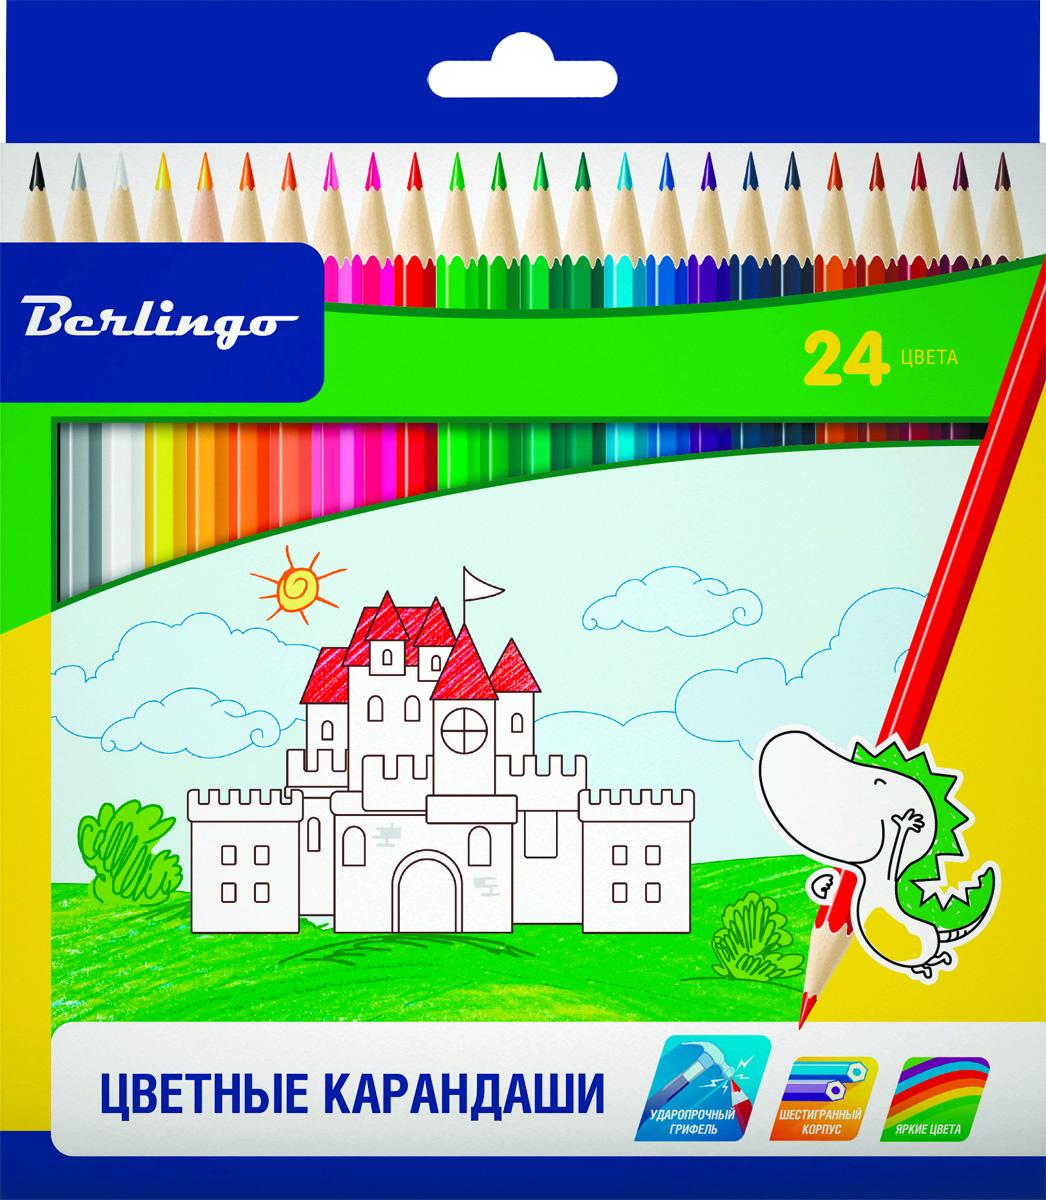 Berlingo Набор цветных карандашей Замки 24 цветаCP00124Набор цветных карандашей Berlingo Замки с заточенным грифелем. Карандаши имеют яркие насыщенные цвета. Штрихи мягко ложатся на бумагу. Карандаши легко затачиваются.